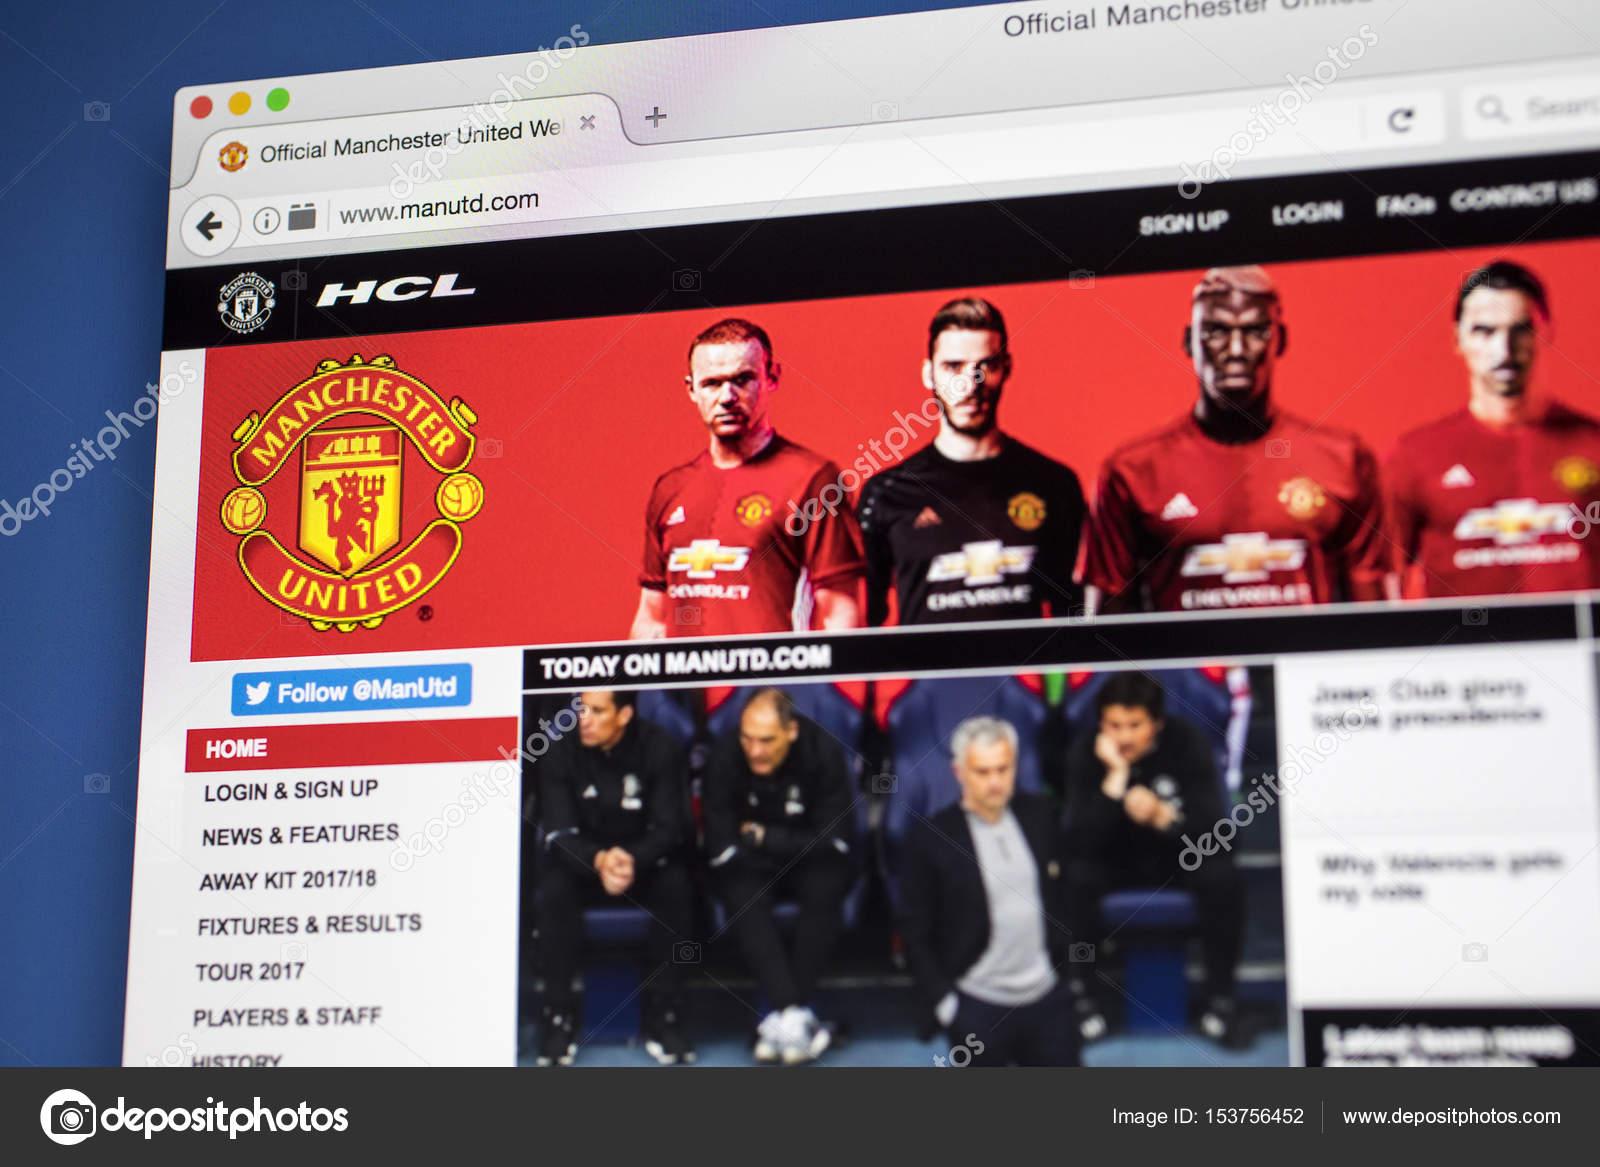 Офицальный сайт футболного клуба манчестер юнайтед